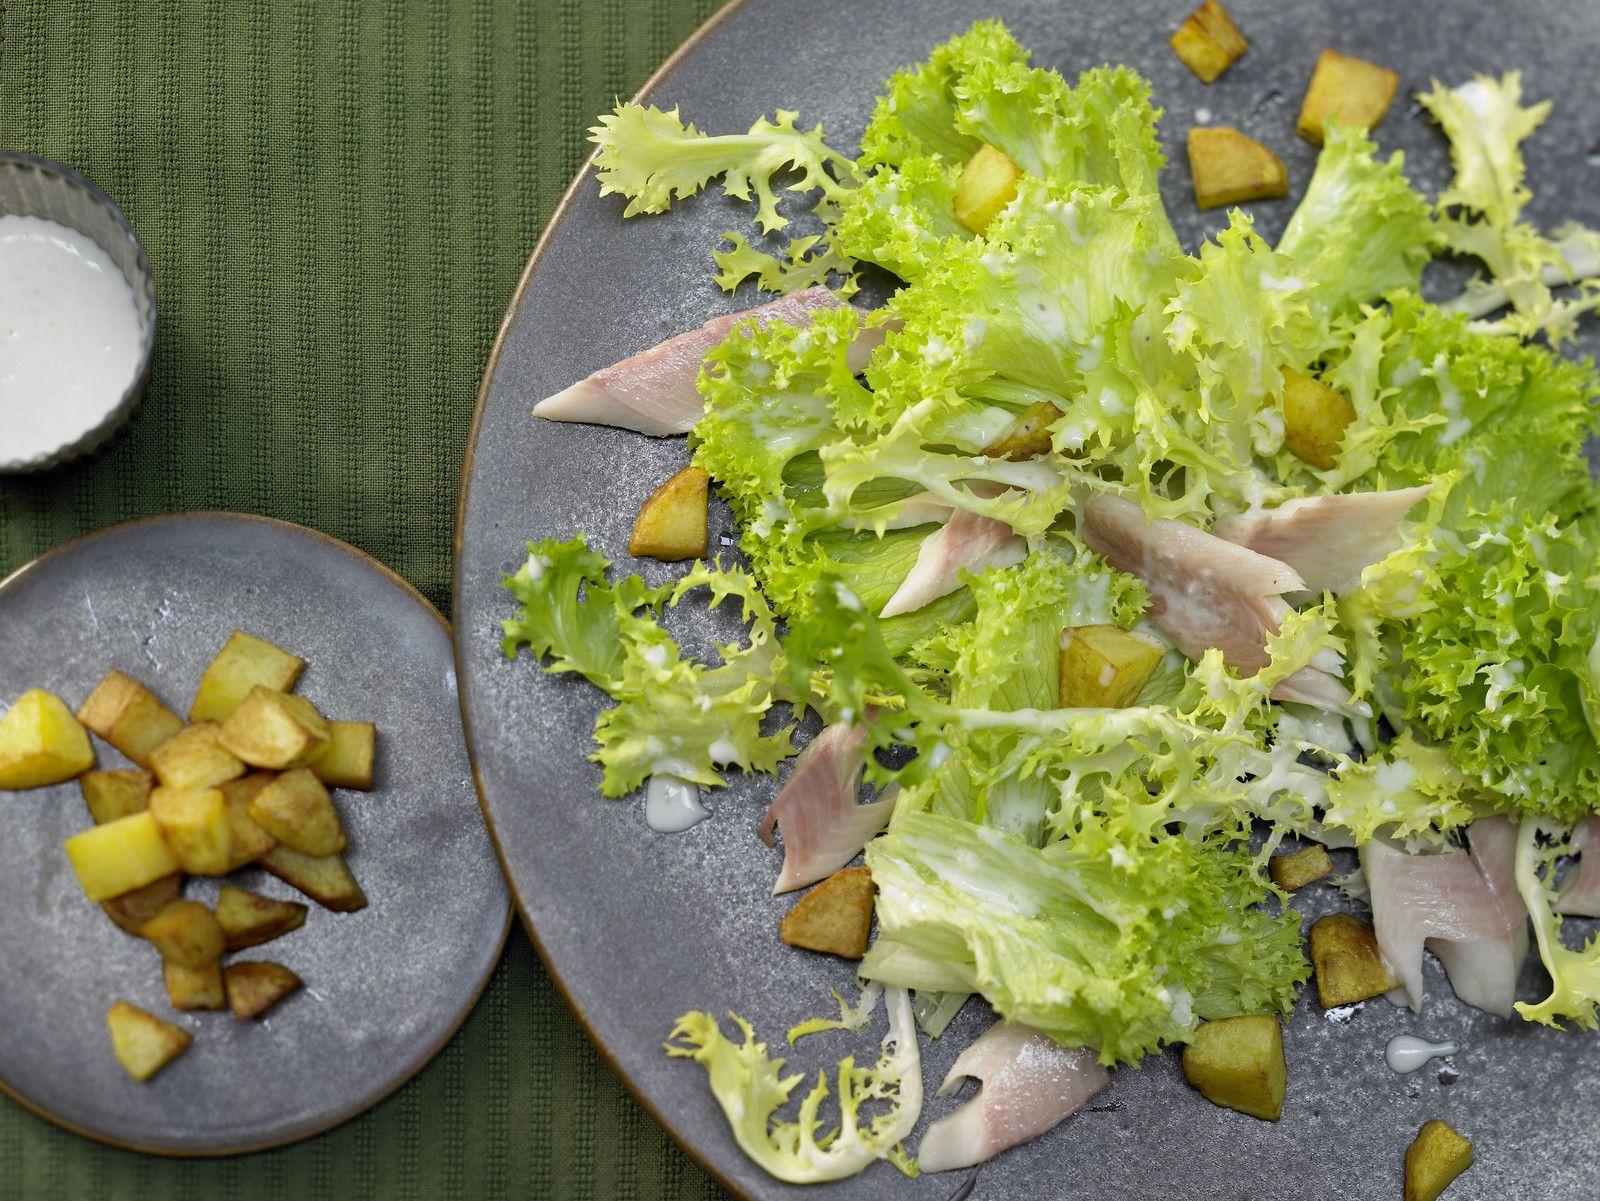 Räucherforelle auf grünem Salat - mit Kartoffel-Croûtons und Meerrettichsauce - smarter - Kalorien: 309 Kcal - Zeit: 30 Min. | eatsmarter.de Hier werden die Kartoffeln zu Croutons verarbeitet.